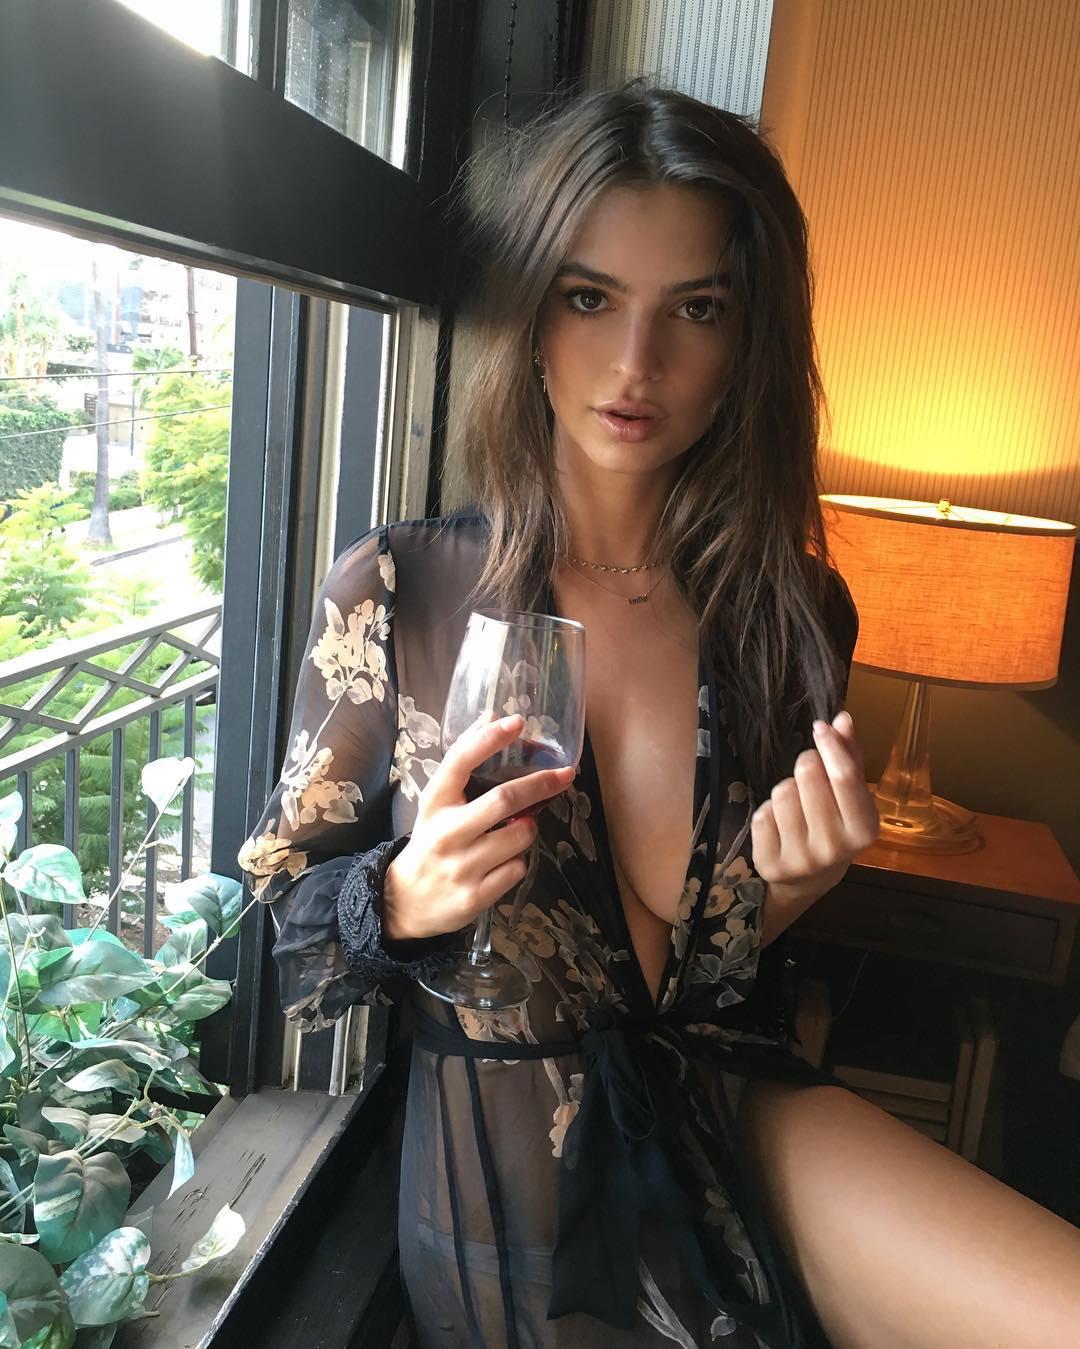 Başarılı ve güzel model Emily Ratajkowski göğüs dekolteli kıyafeti ile paylaştığı sexy cesur pozlar yürek hoplattı. HD foto galeri için buraya tıklayın.